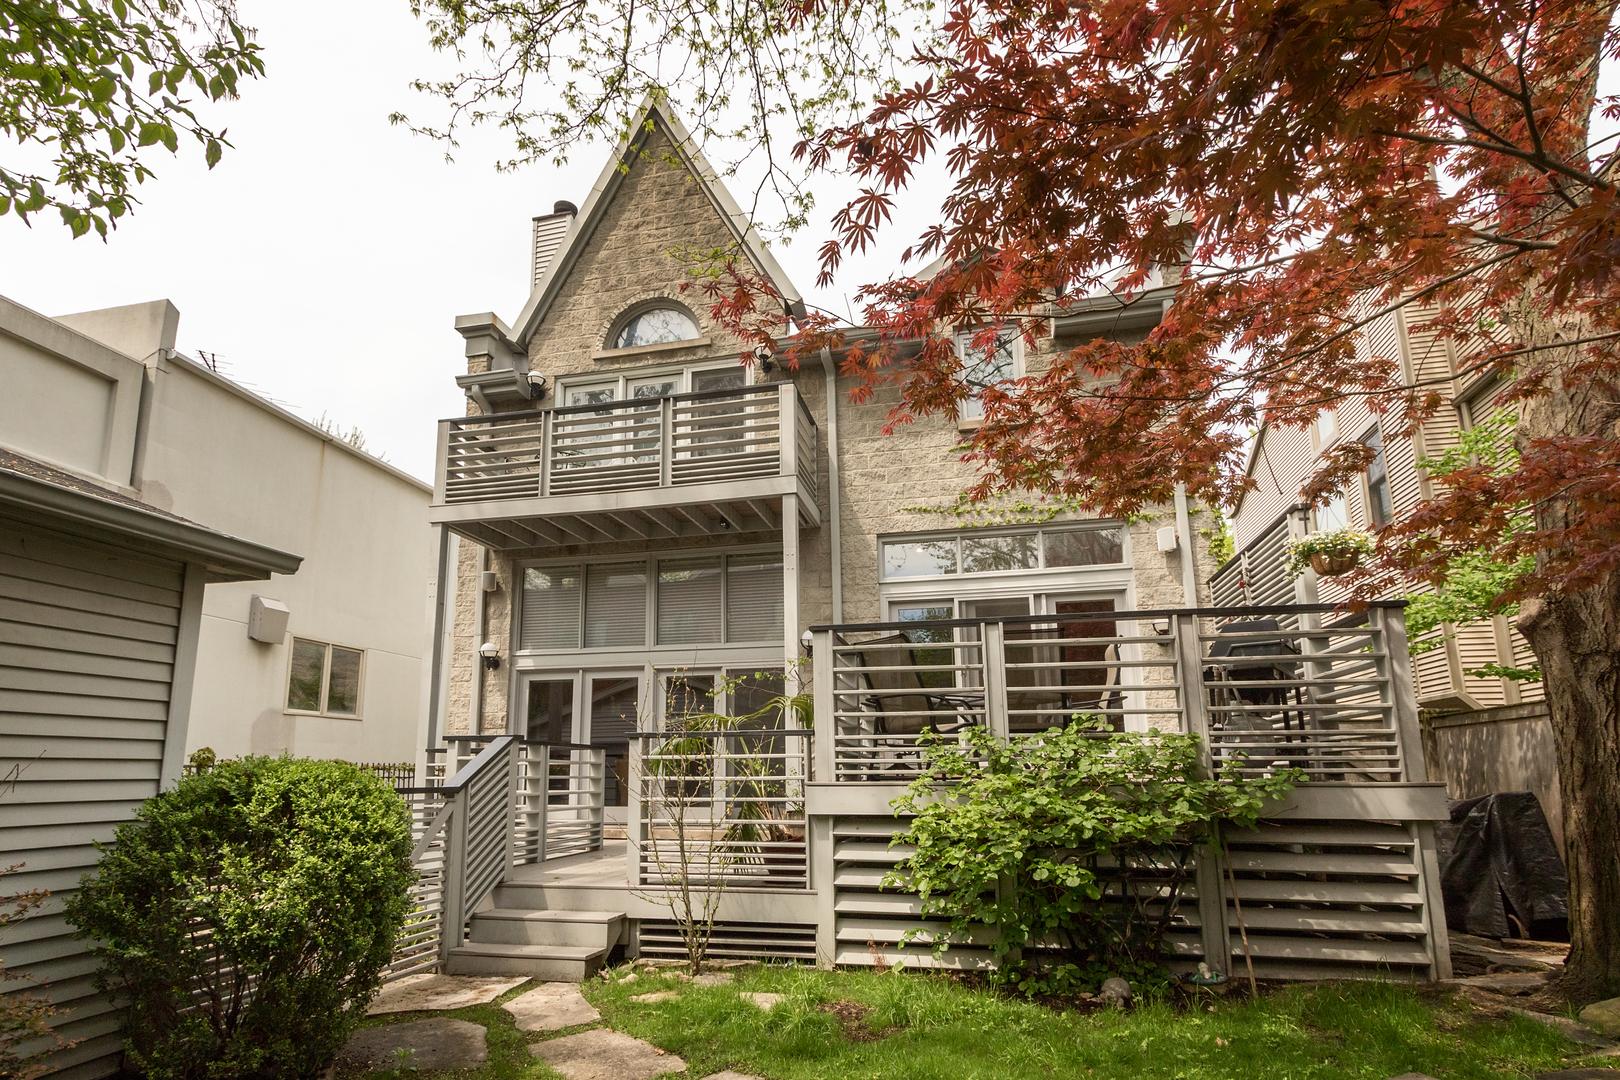 1707 Wabansia ,Chicago, Illinois 60622